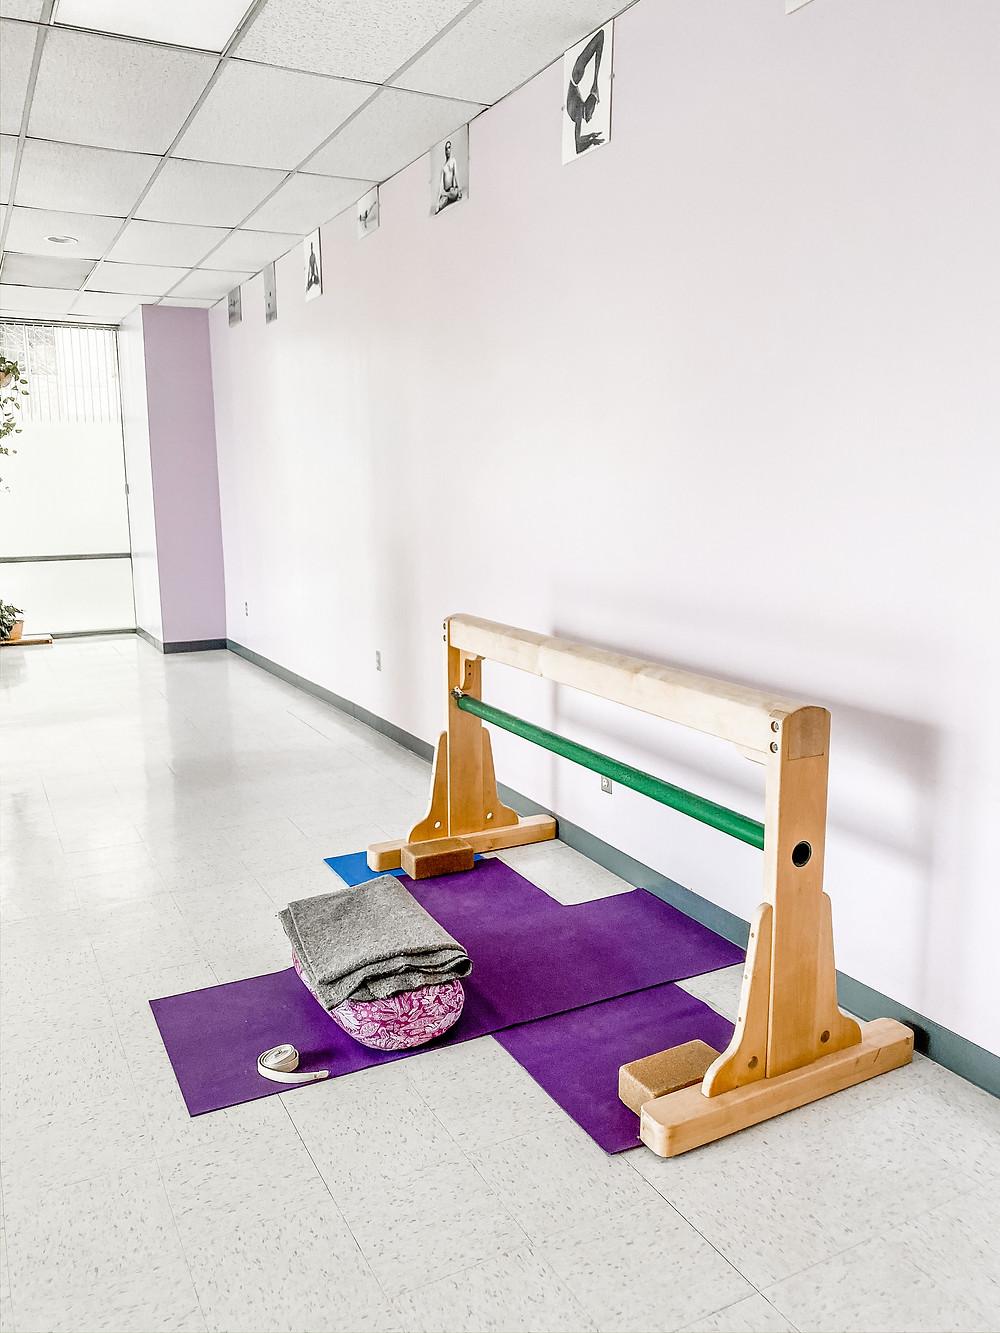 Iyengar Yoga props